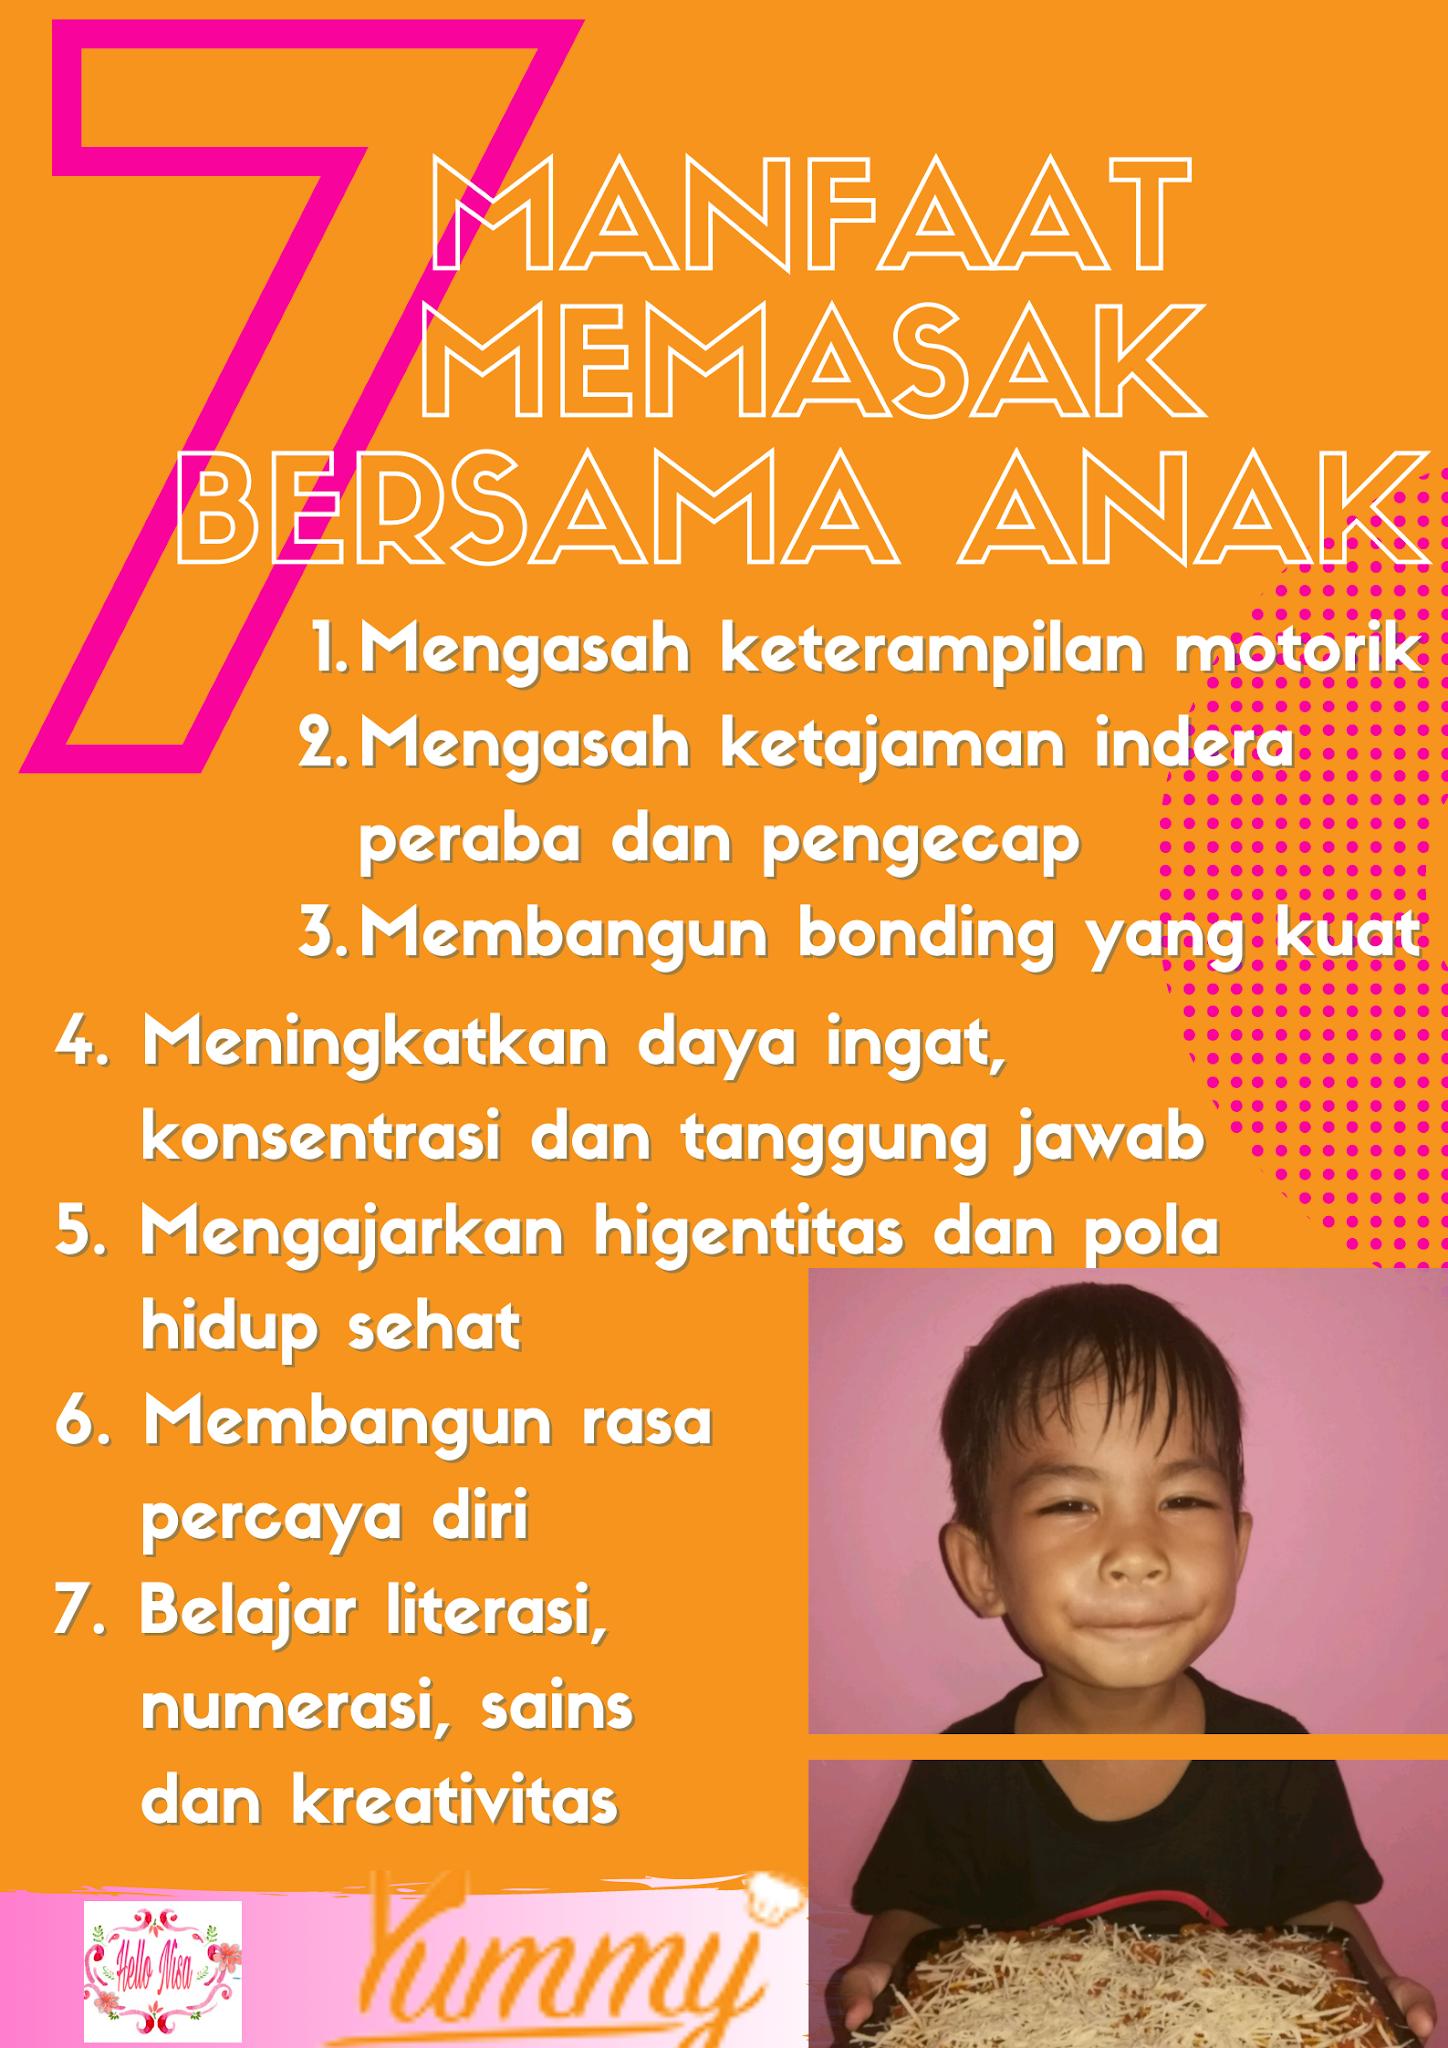 7 manfaat masak bareng anak